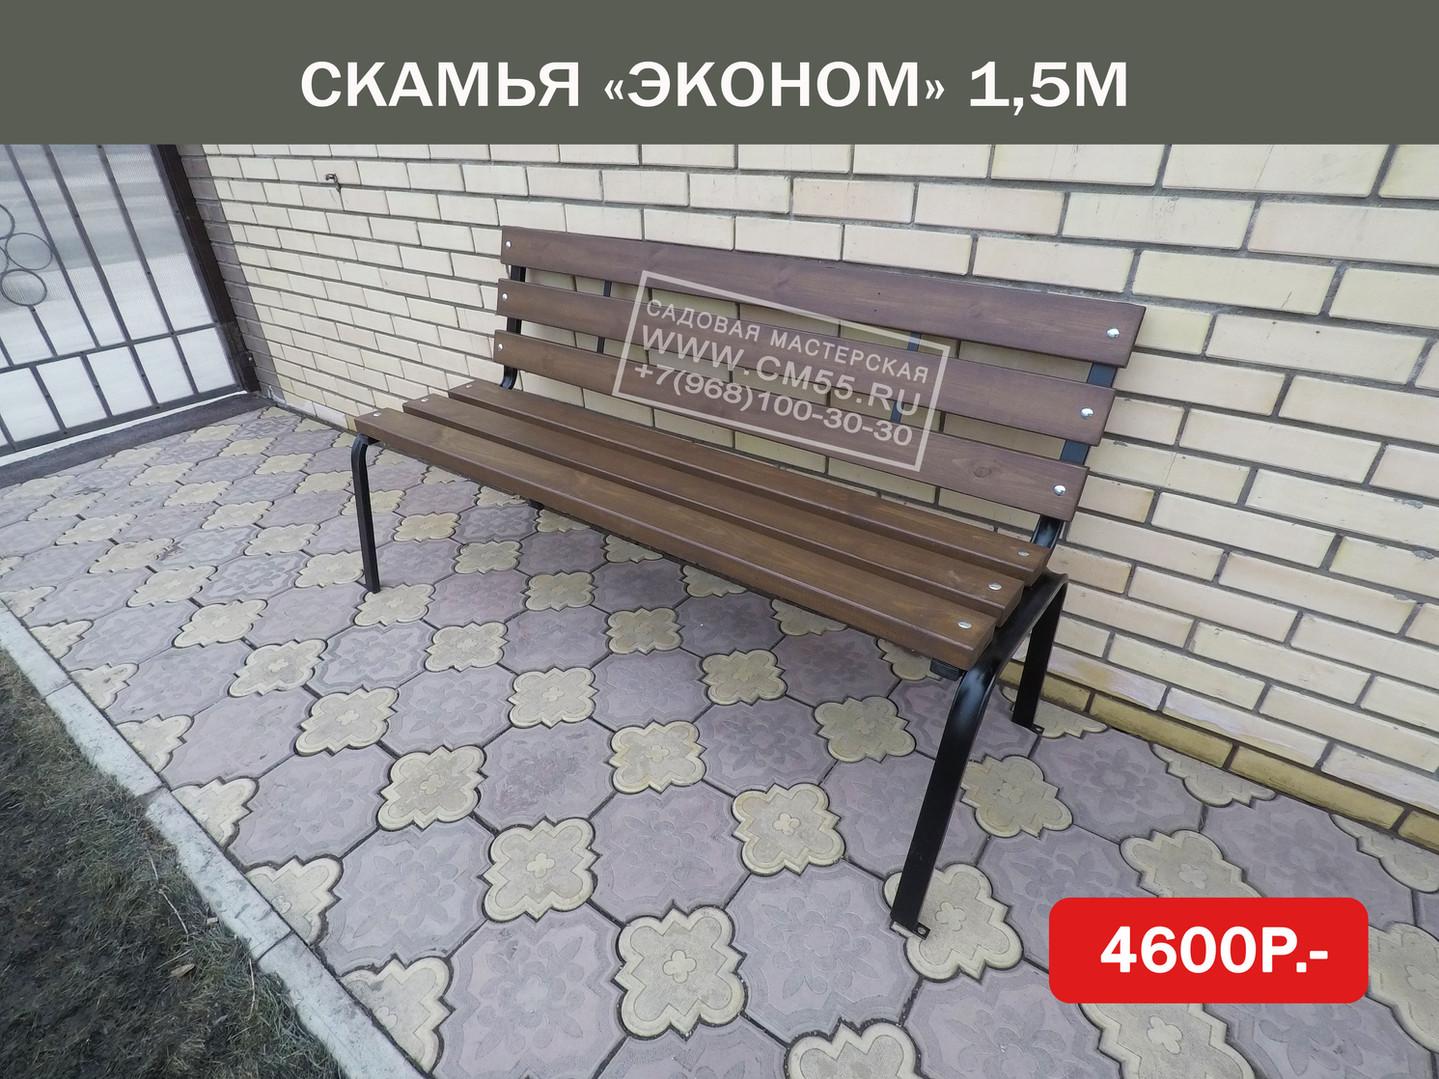 Скамья_Эконом_ в Омске недорого